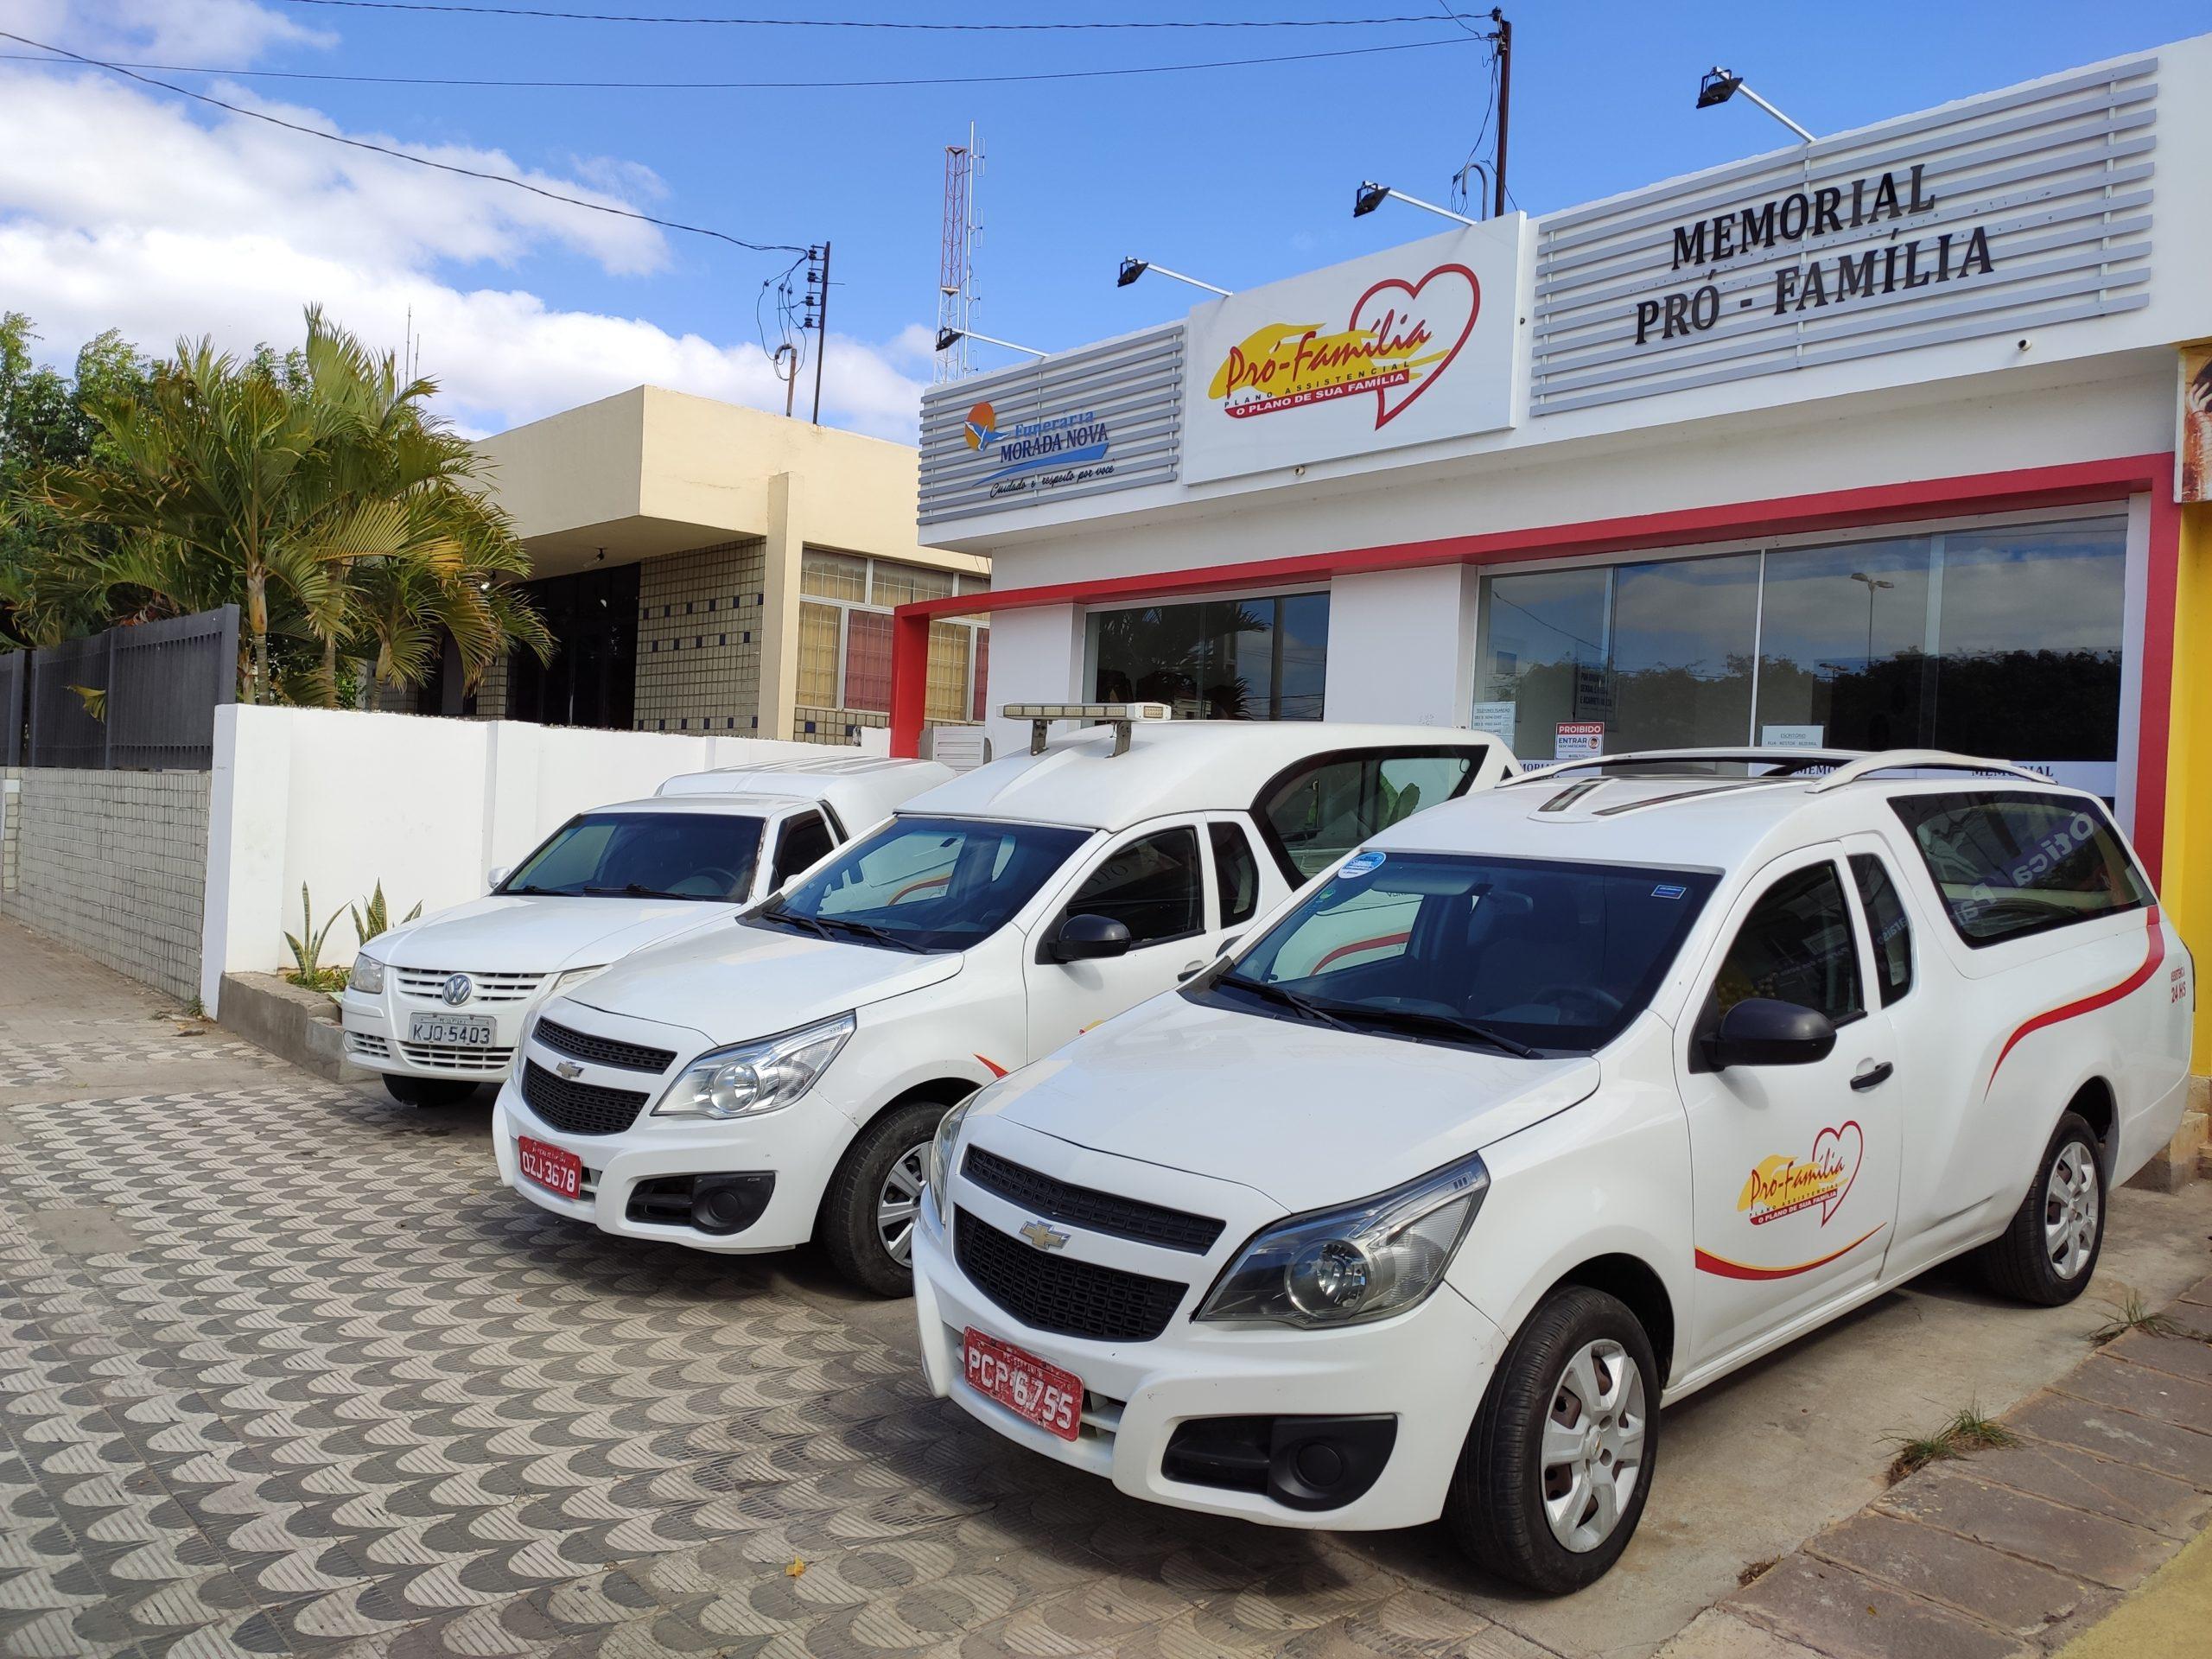 IMG_20200906_083148-scaled COMUNICADO: Plano Assistencial Pró-família, agora com seguro de vida